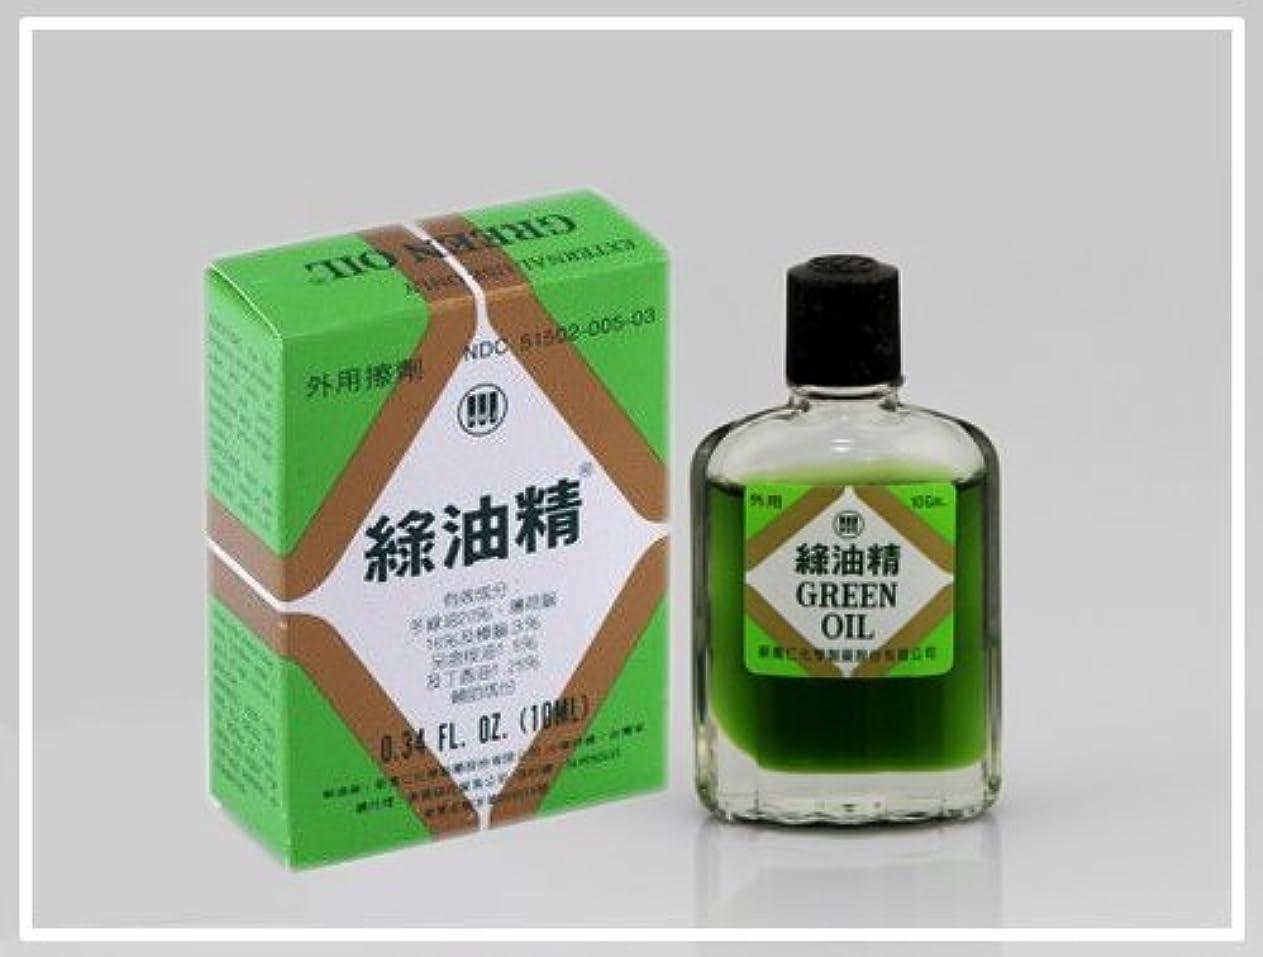 比べるに対して防腐剤台湾純正版 新萬仁緑油精 グリーンオイル 緑油精 10ml [並行輸入品]